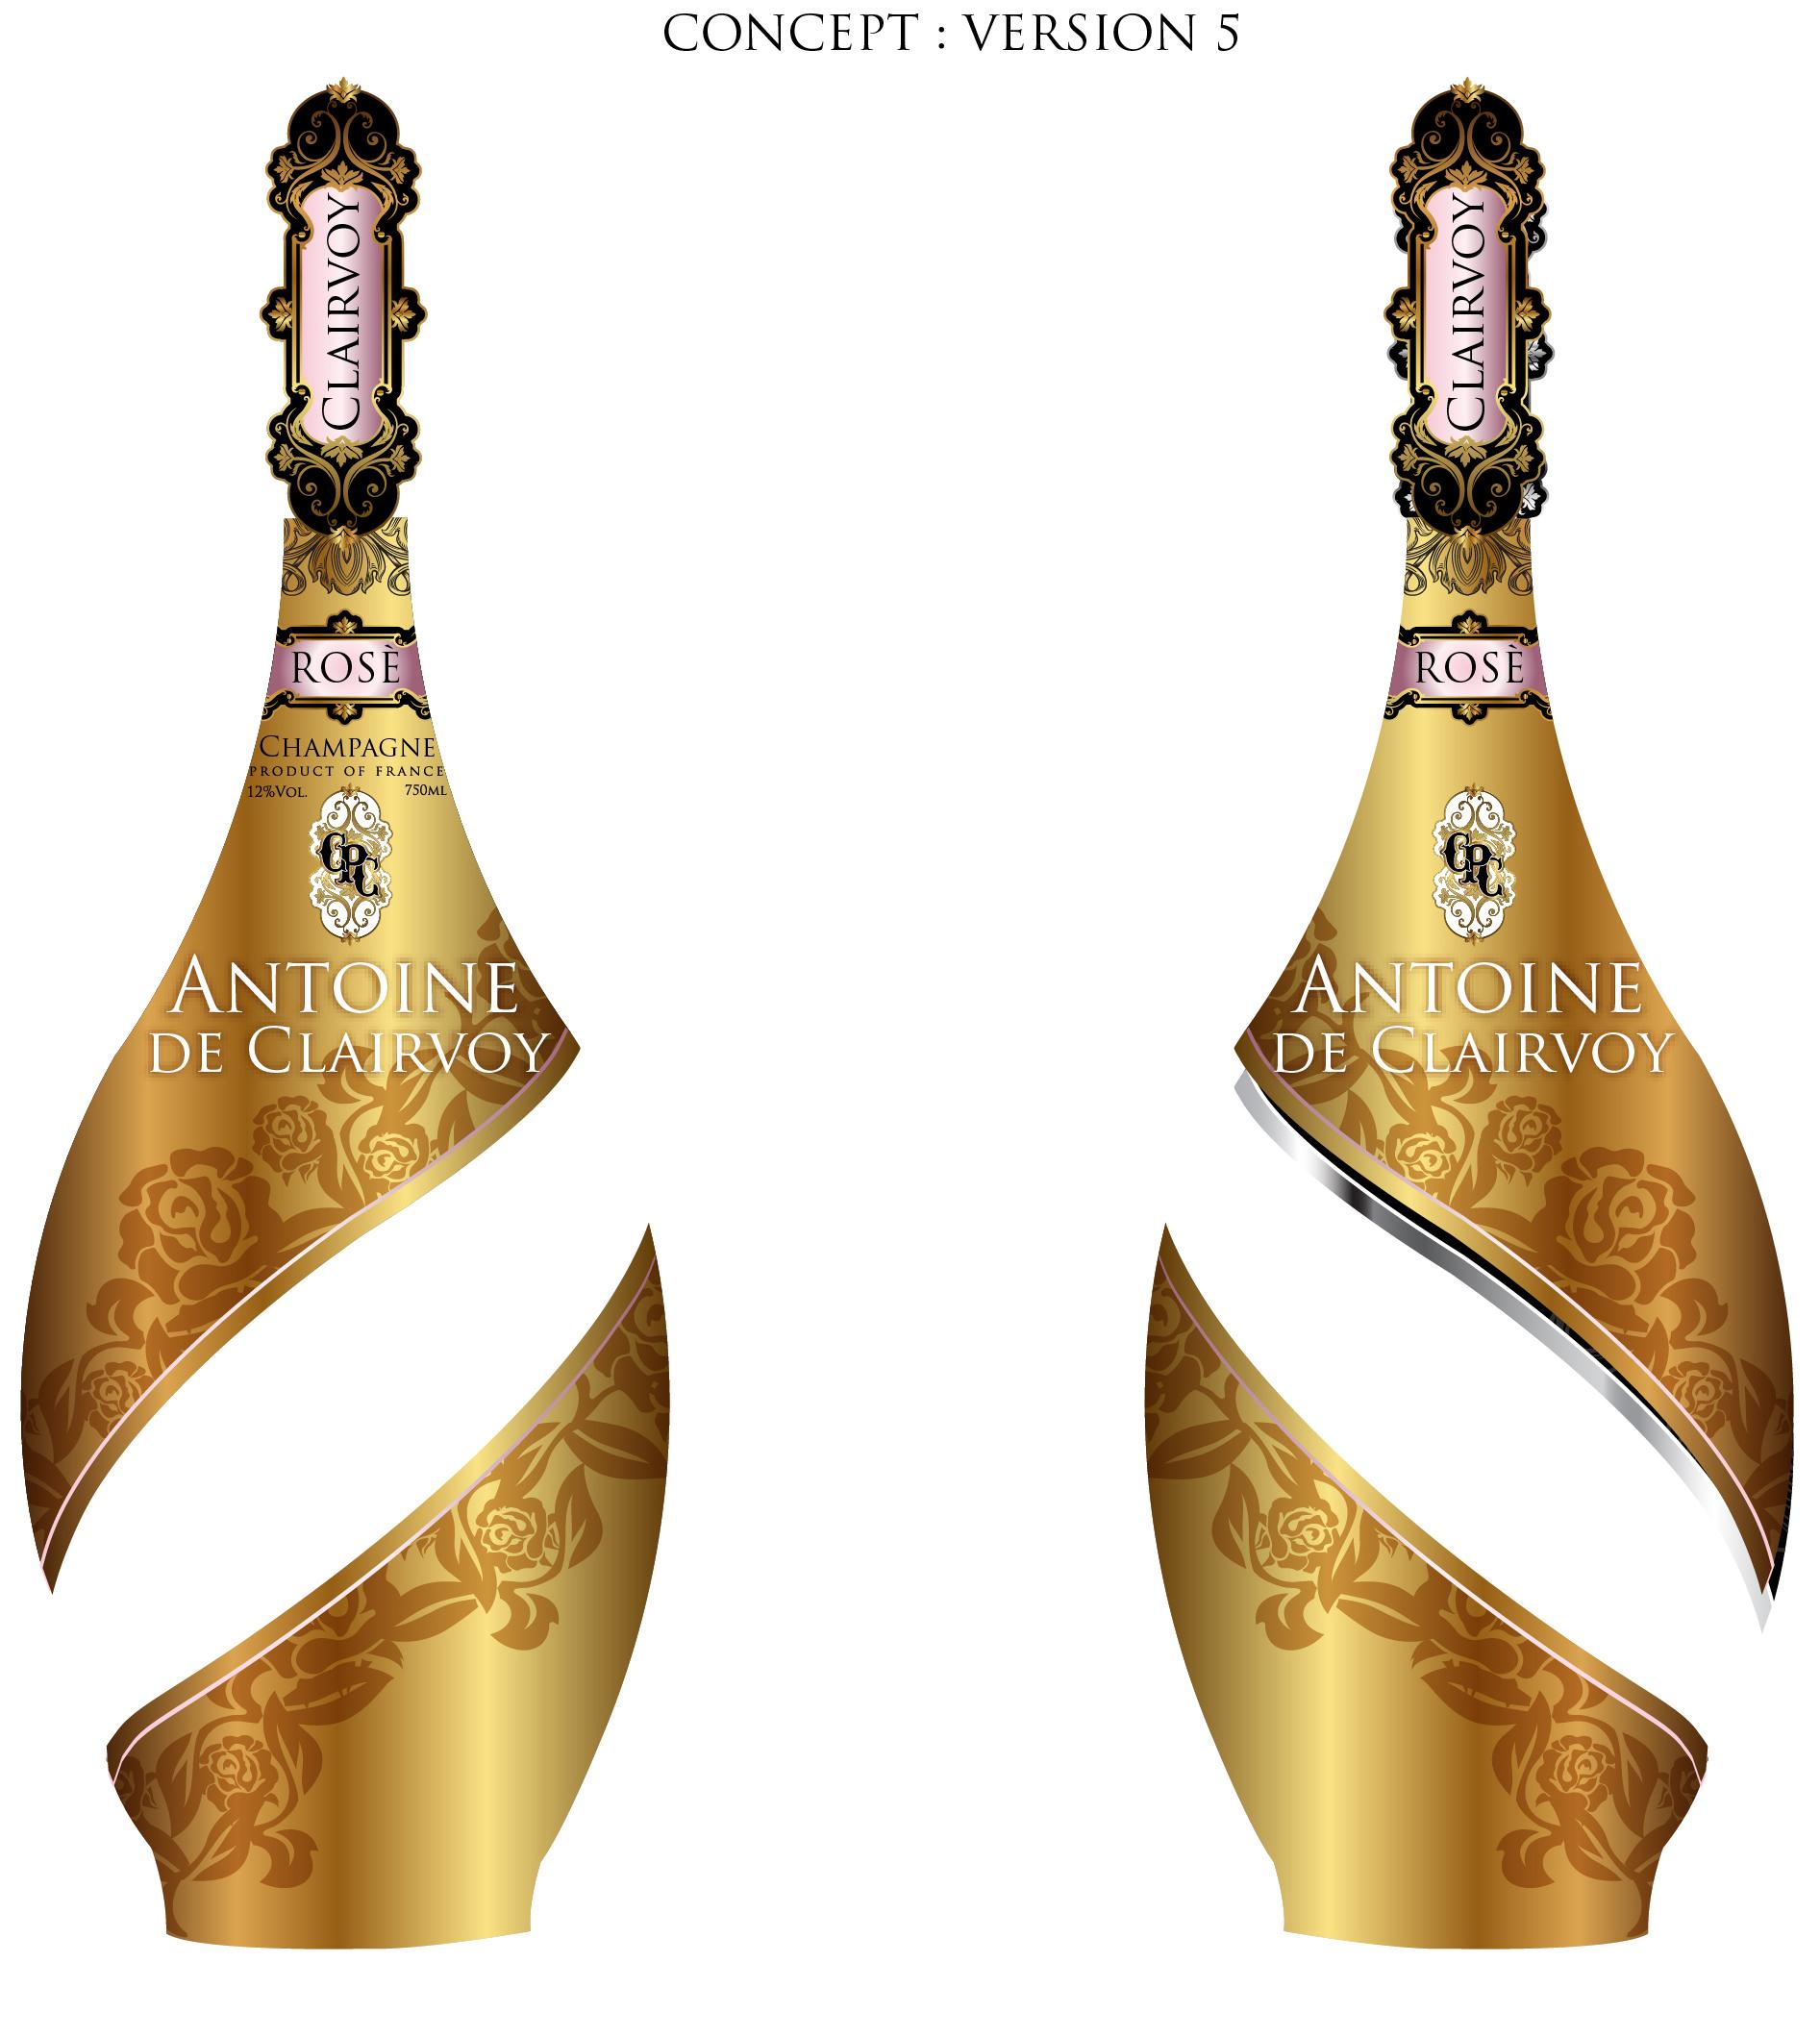 Concept Bottle-5asd.jpg